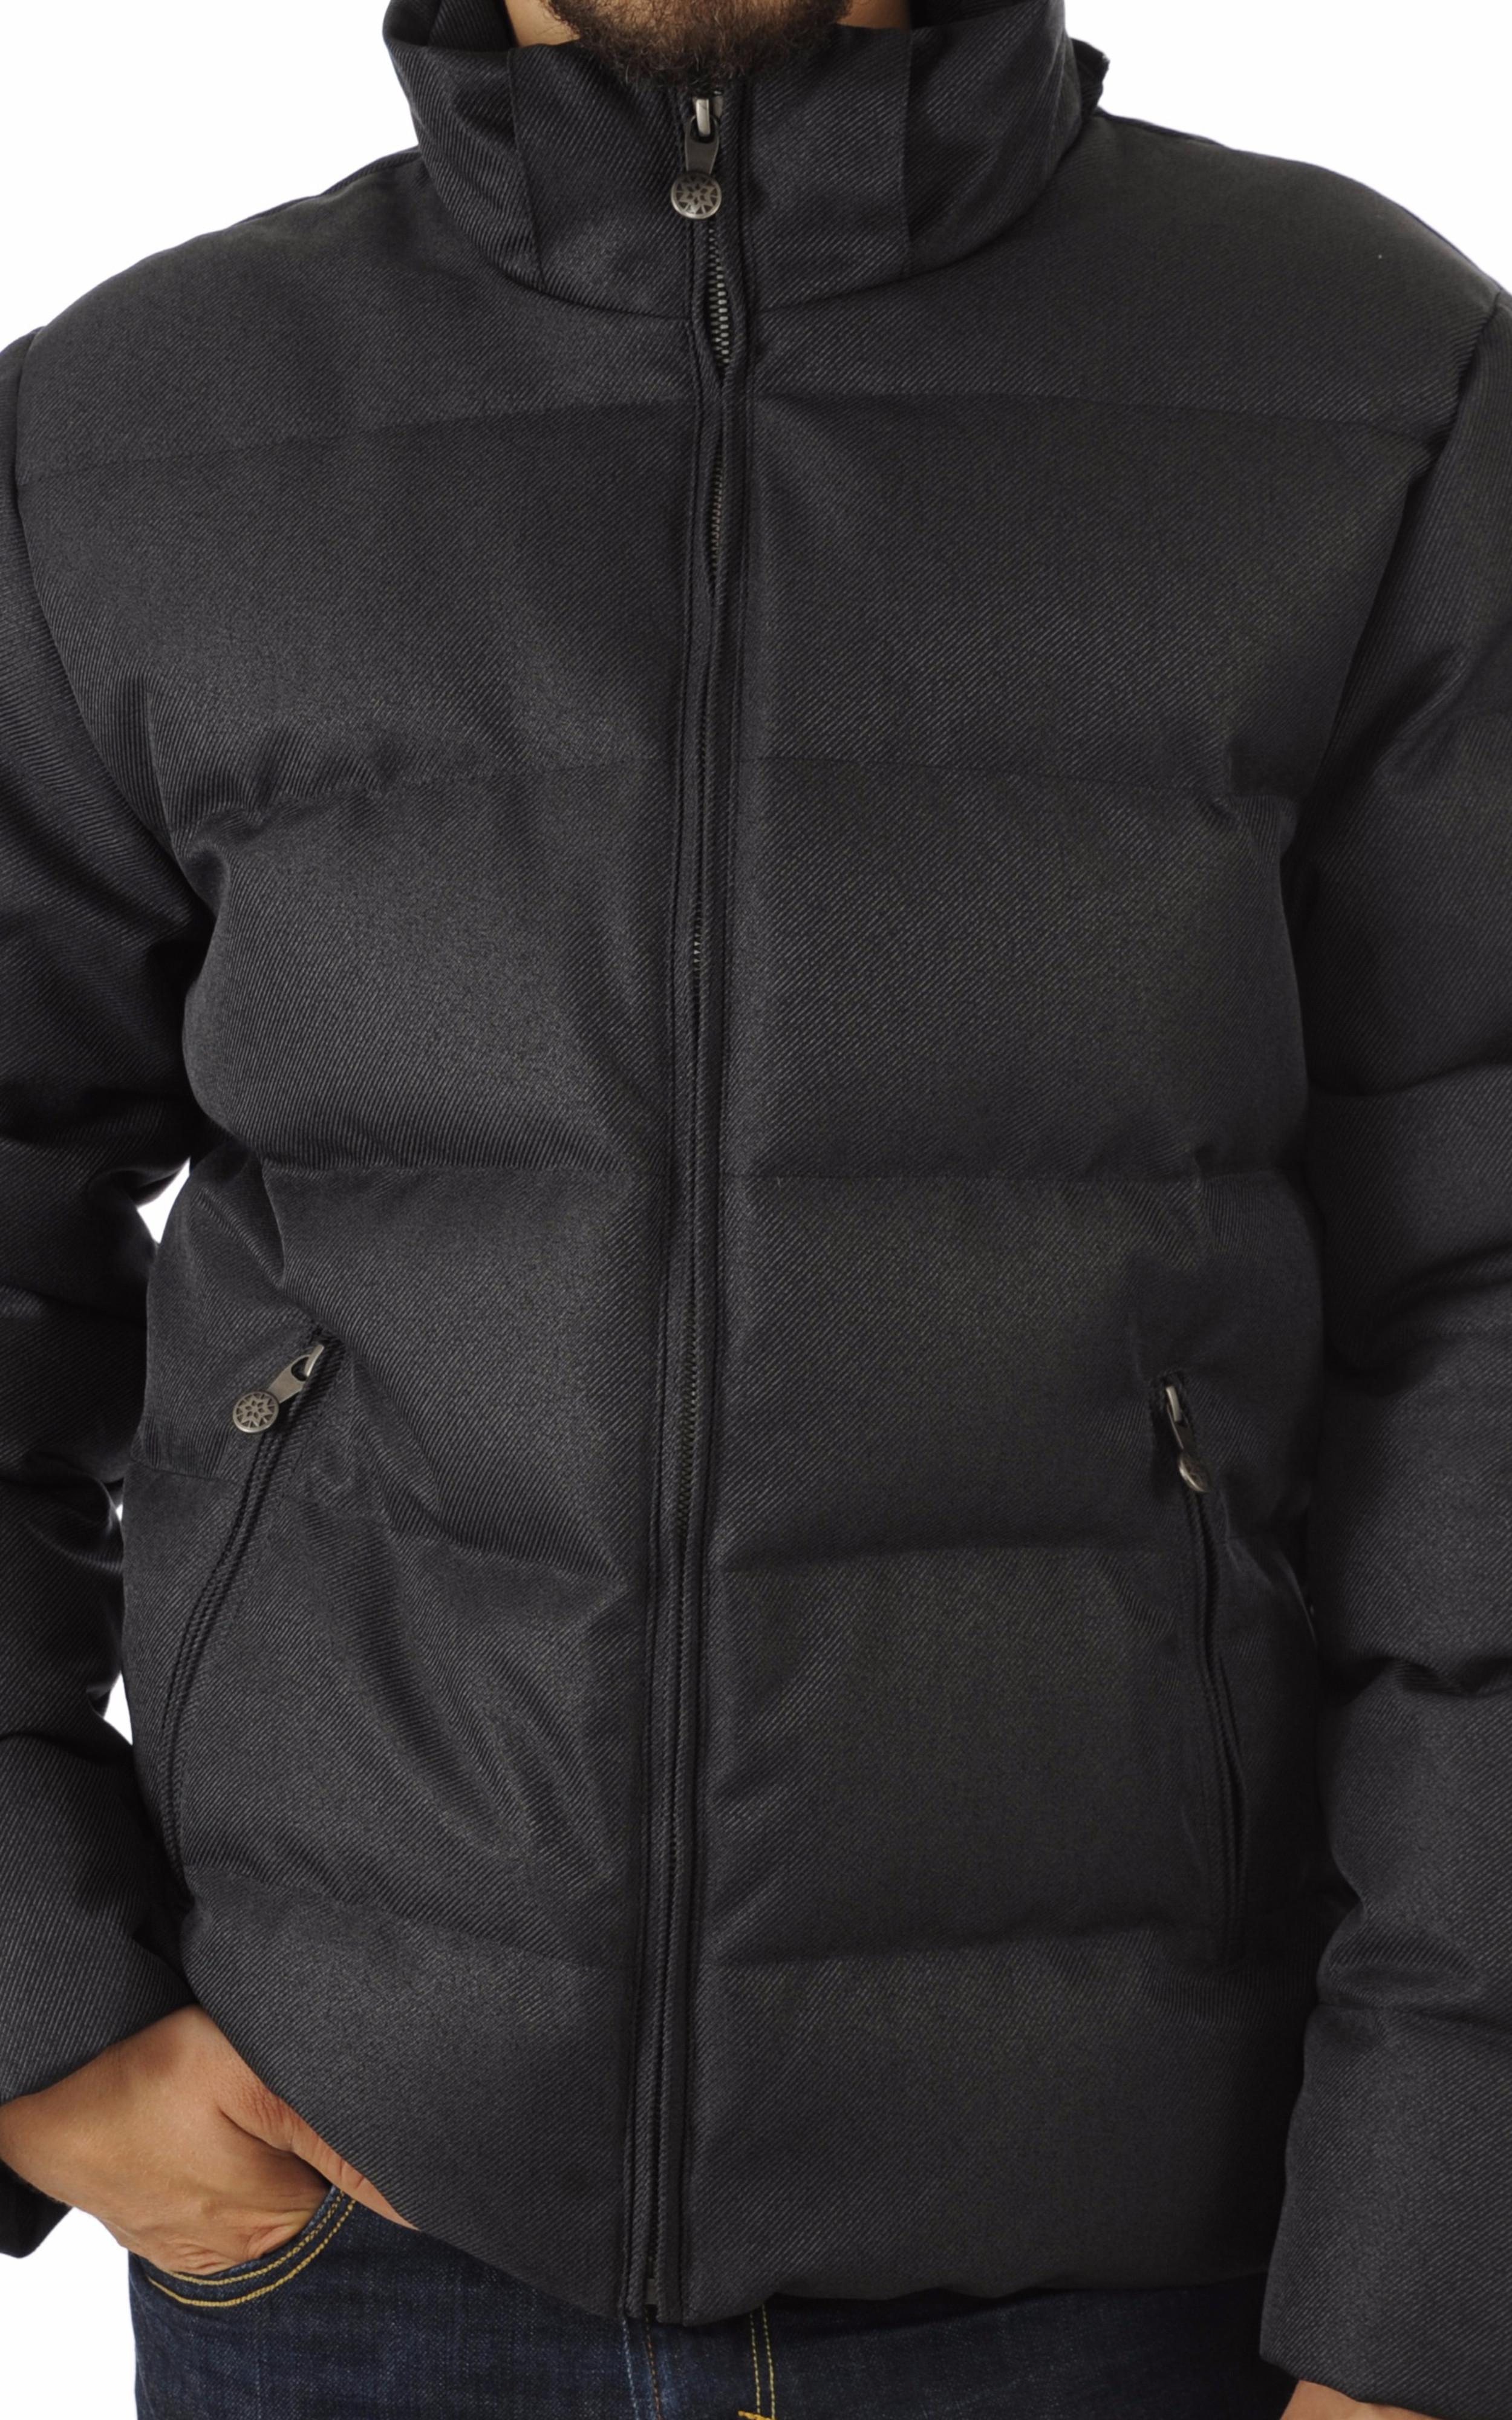 Doudoune Spoutnic Jacket Gris Foncé Pyrenex